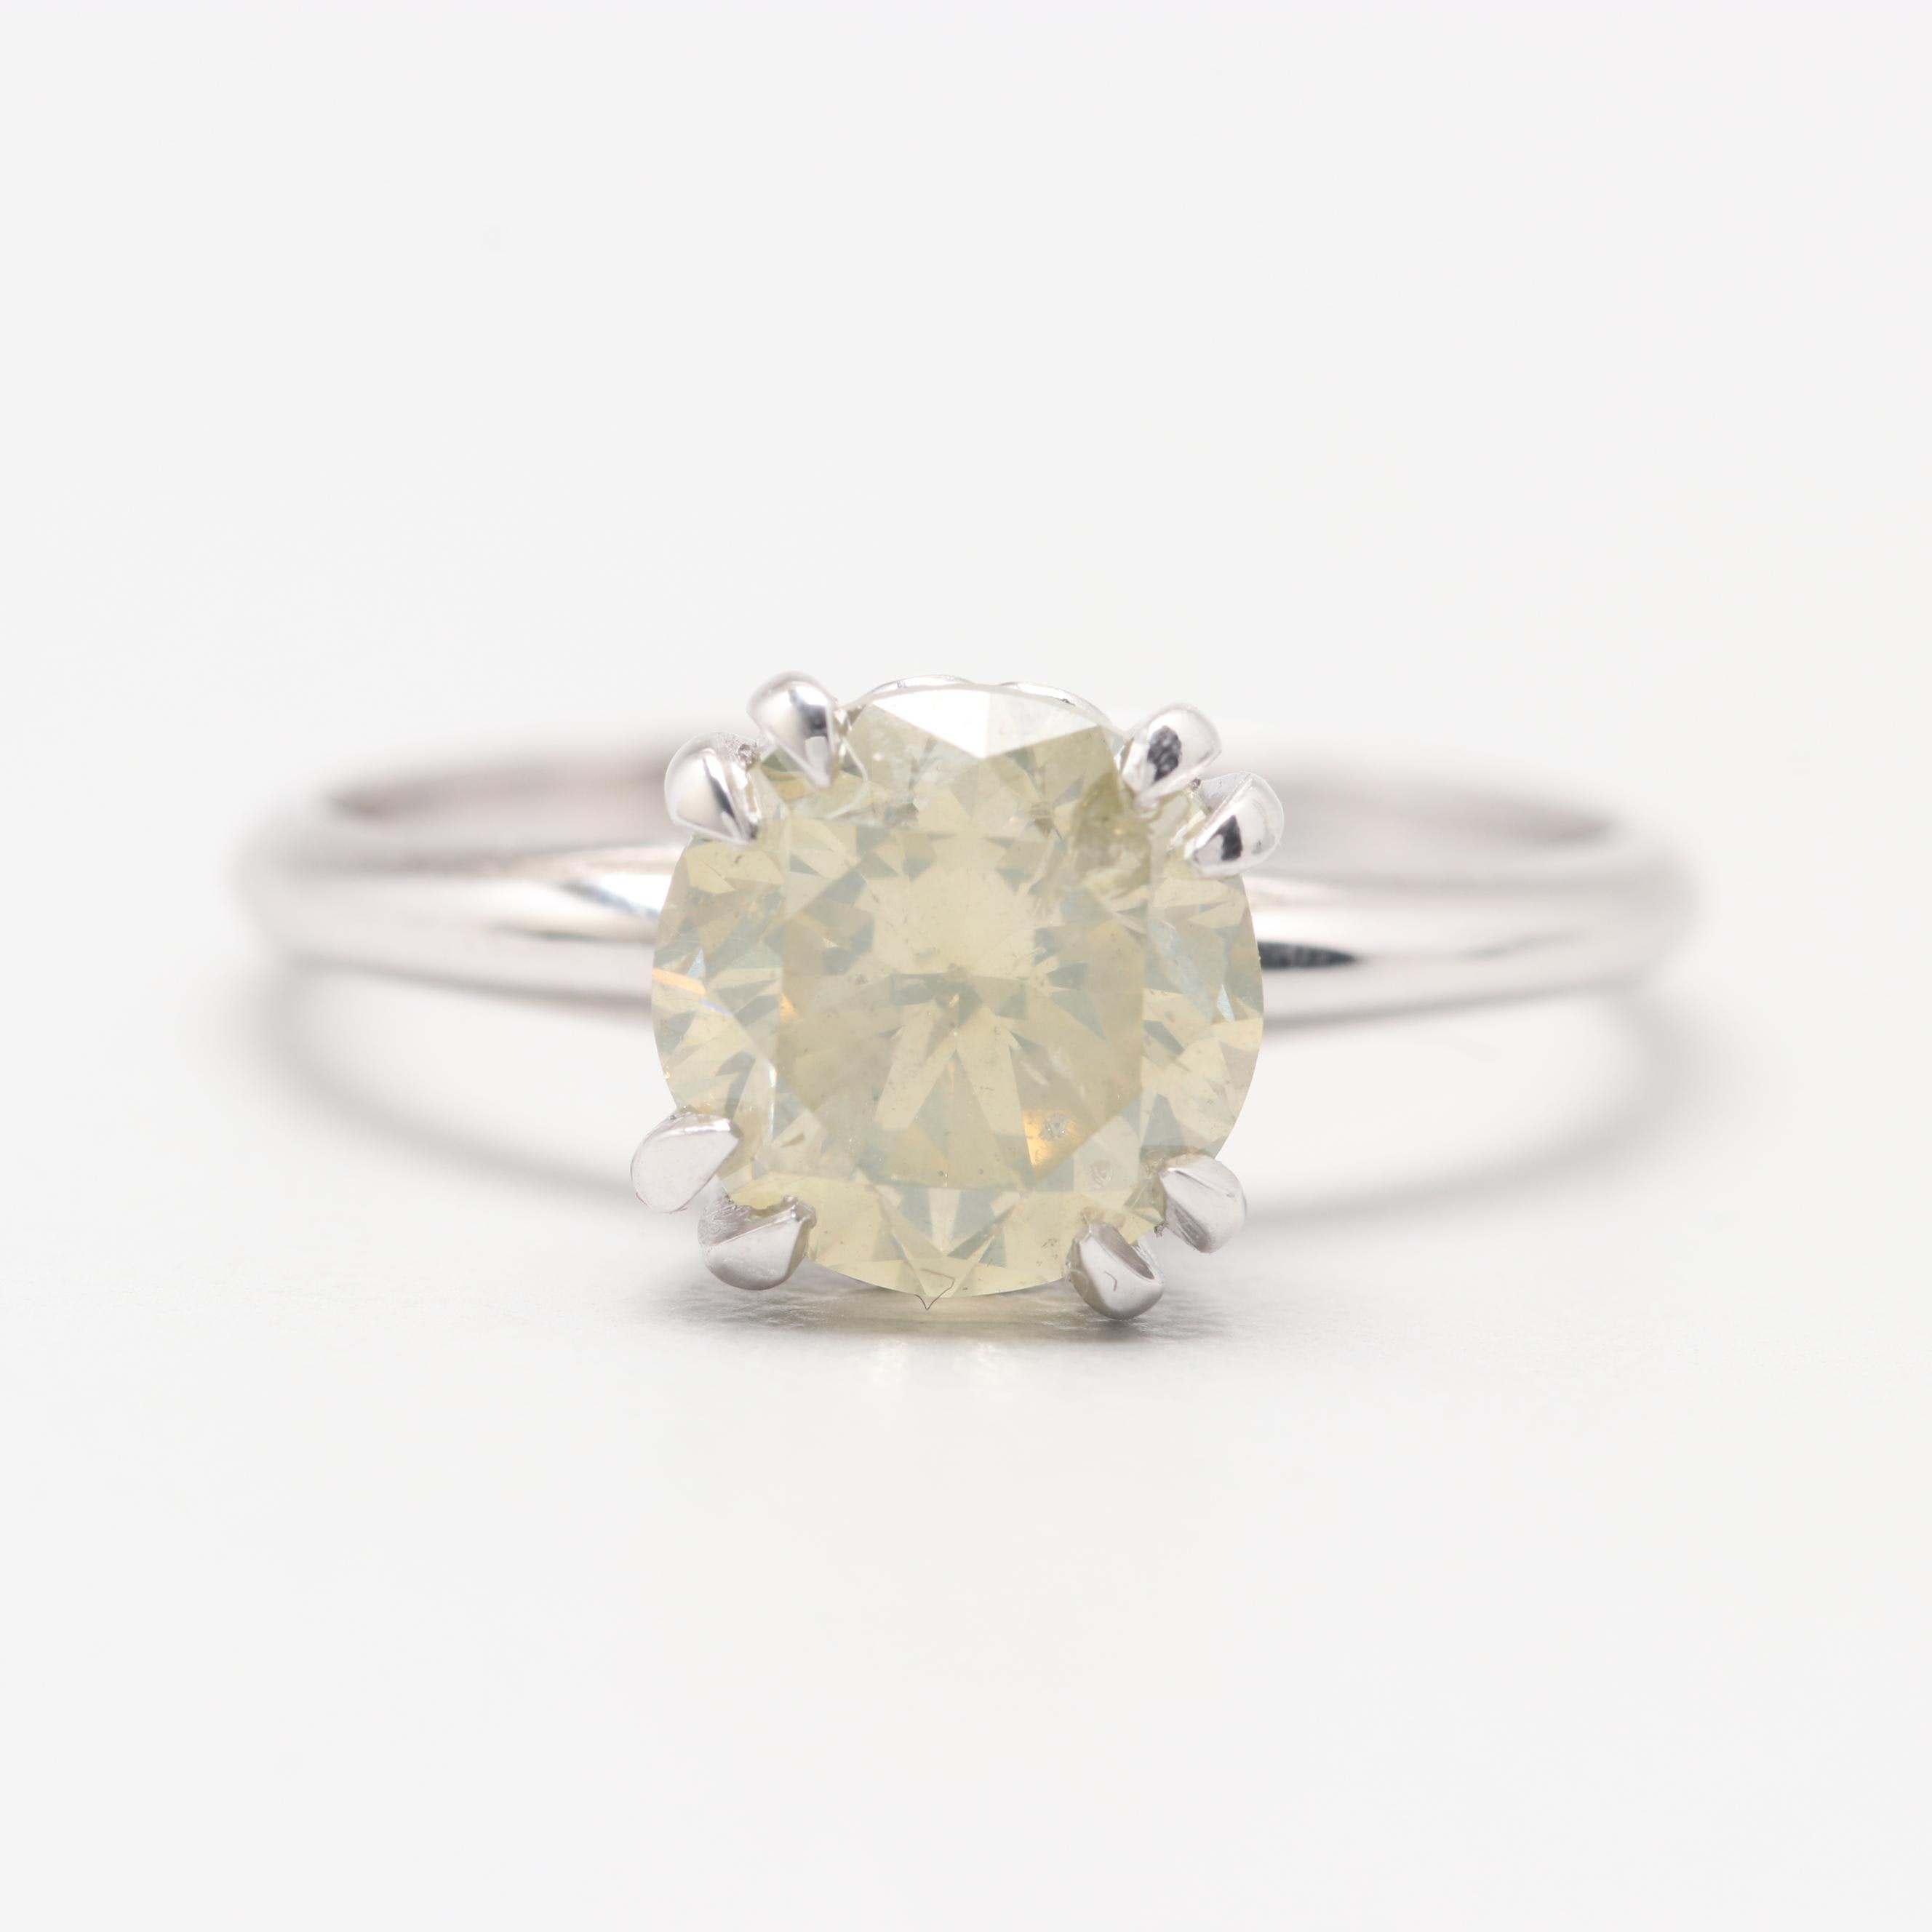 14K White Gold 1.77 CT Diamond Ring